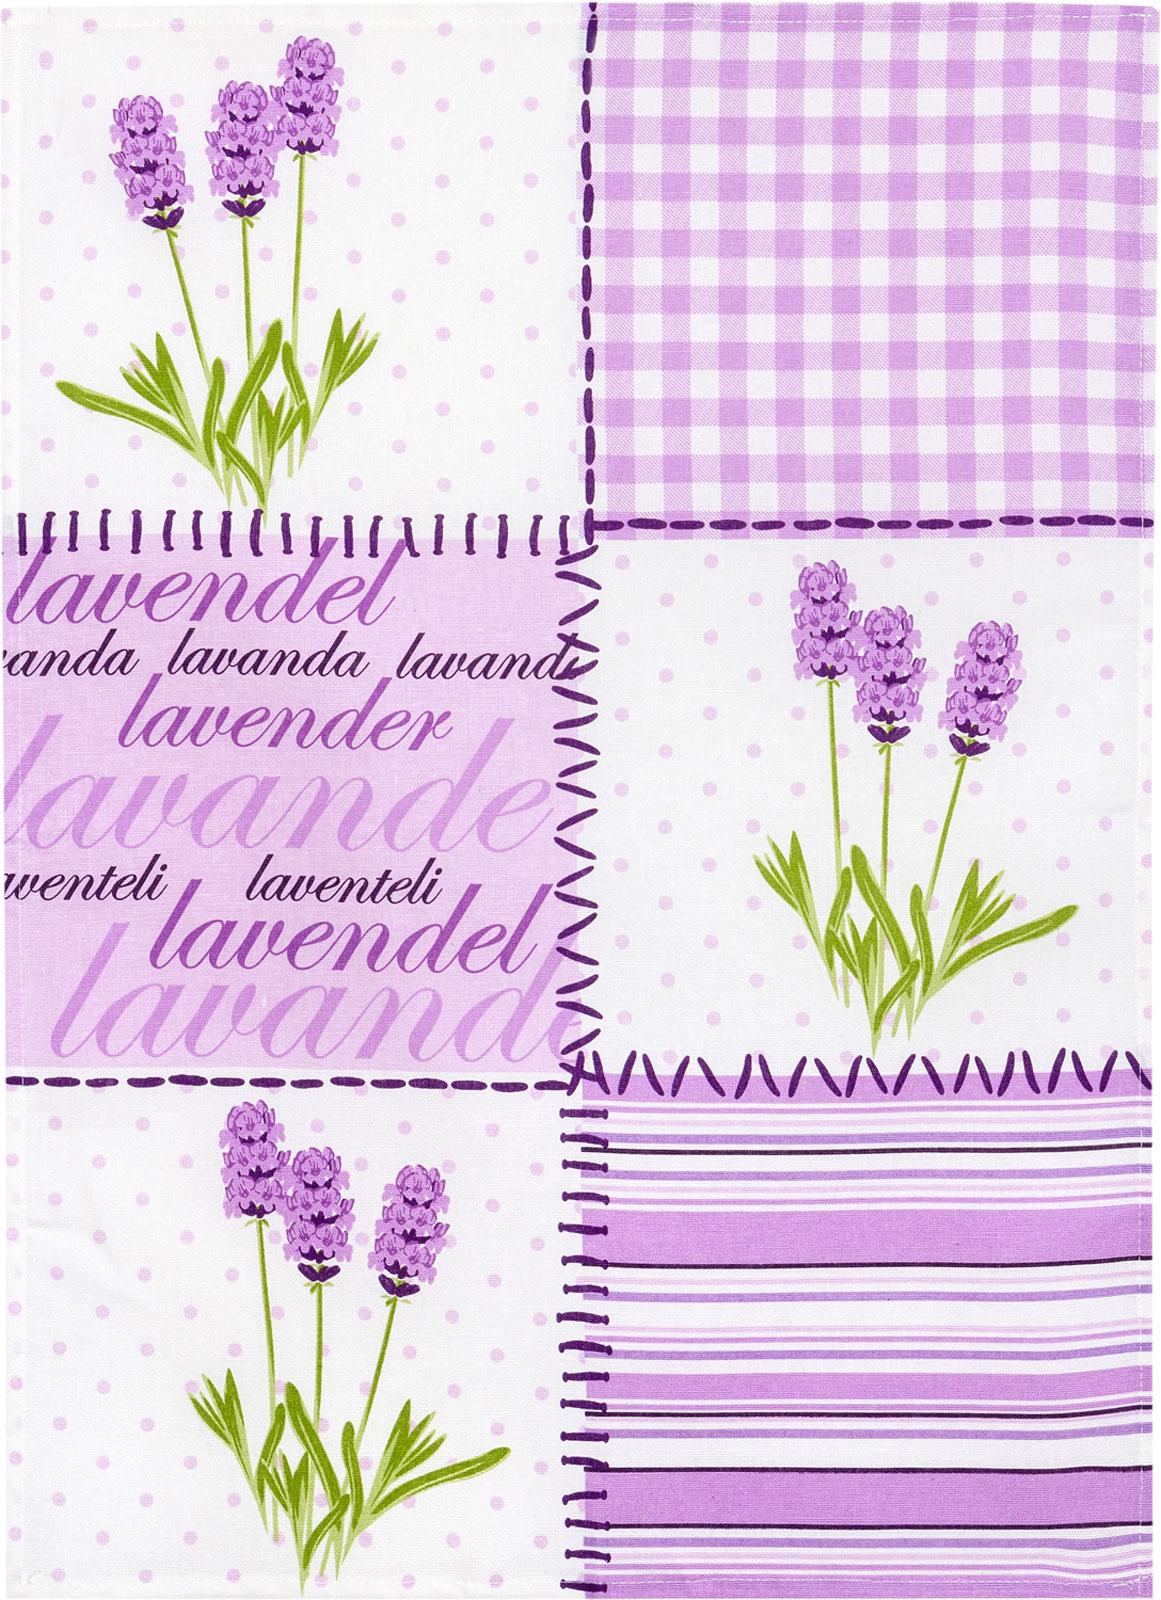 Küchentextilien - Kracht Halbleinen Geschirrtuch 50x70 Motiv 2 852 00 Lavendelblüten  - Onlineshop PremiumShop321